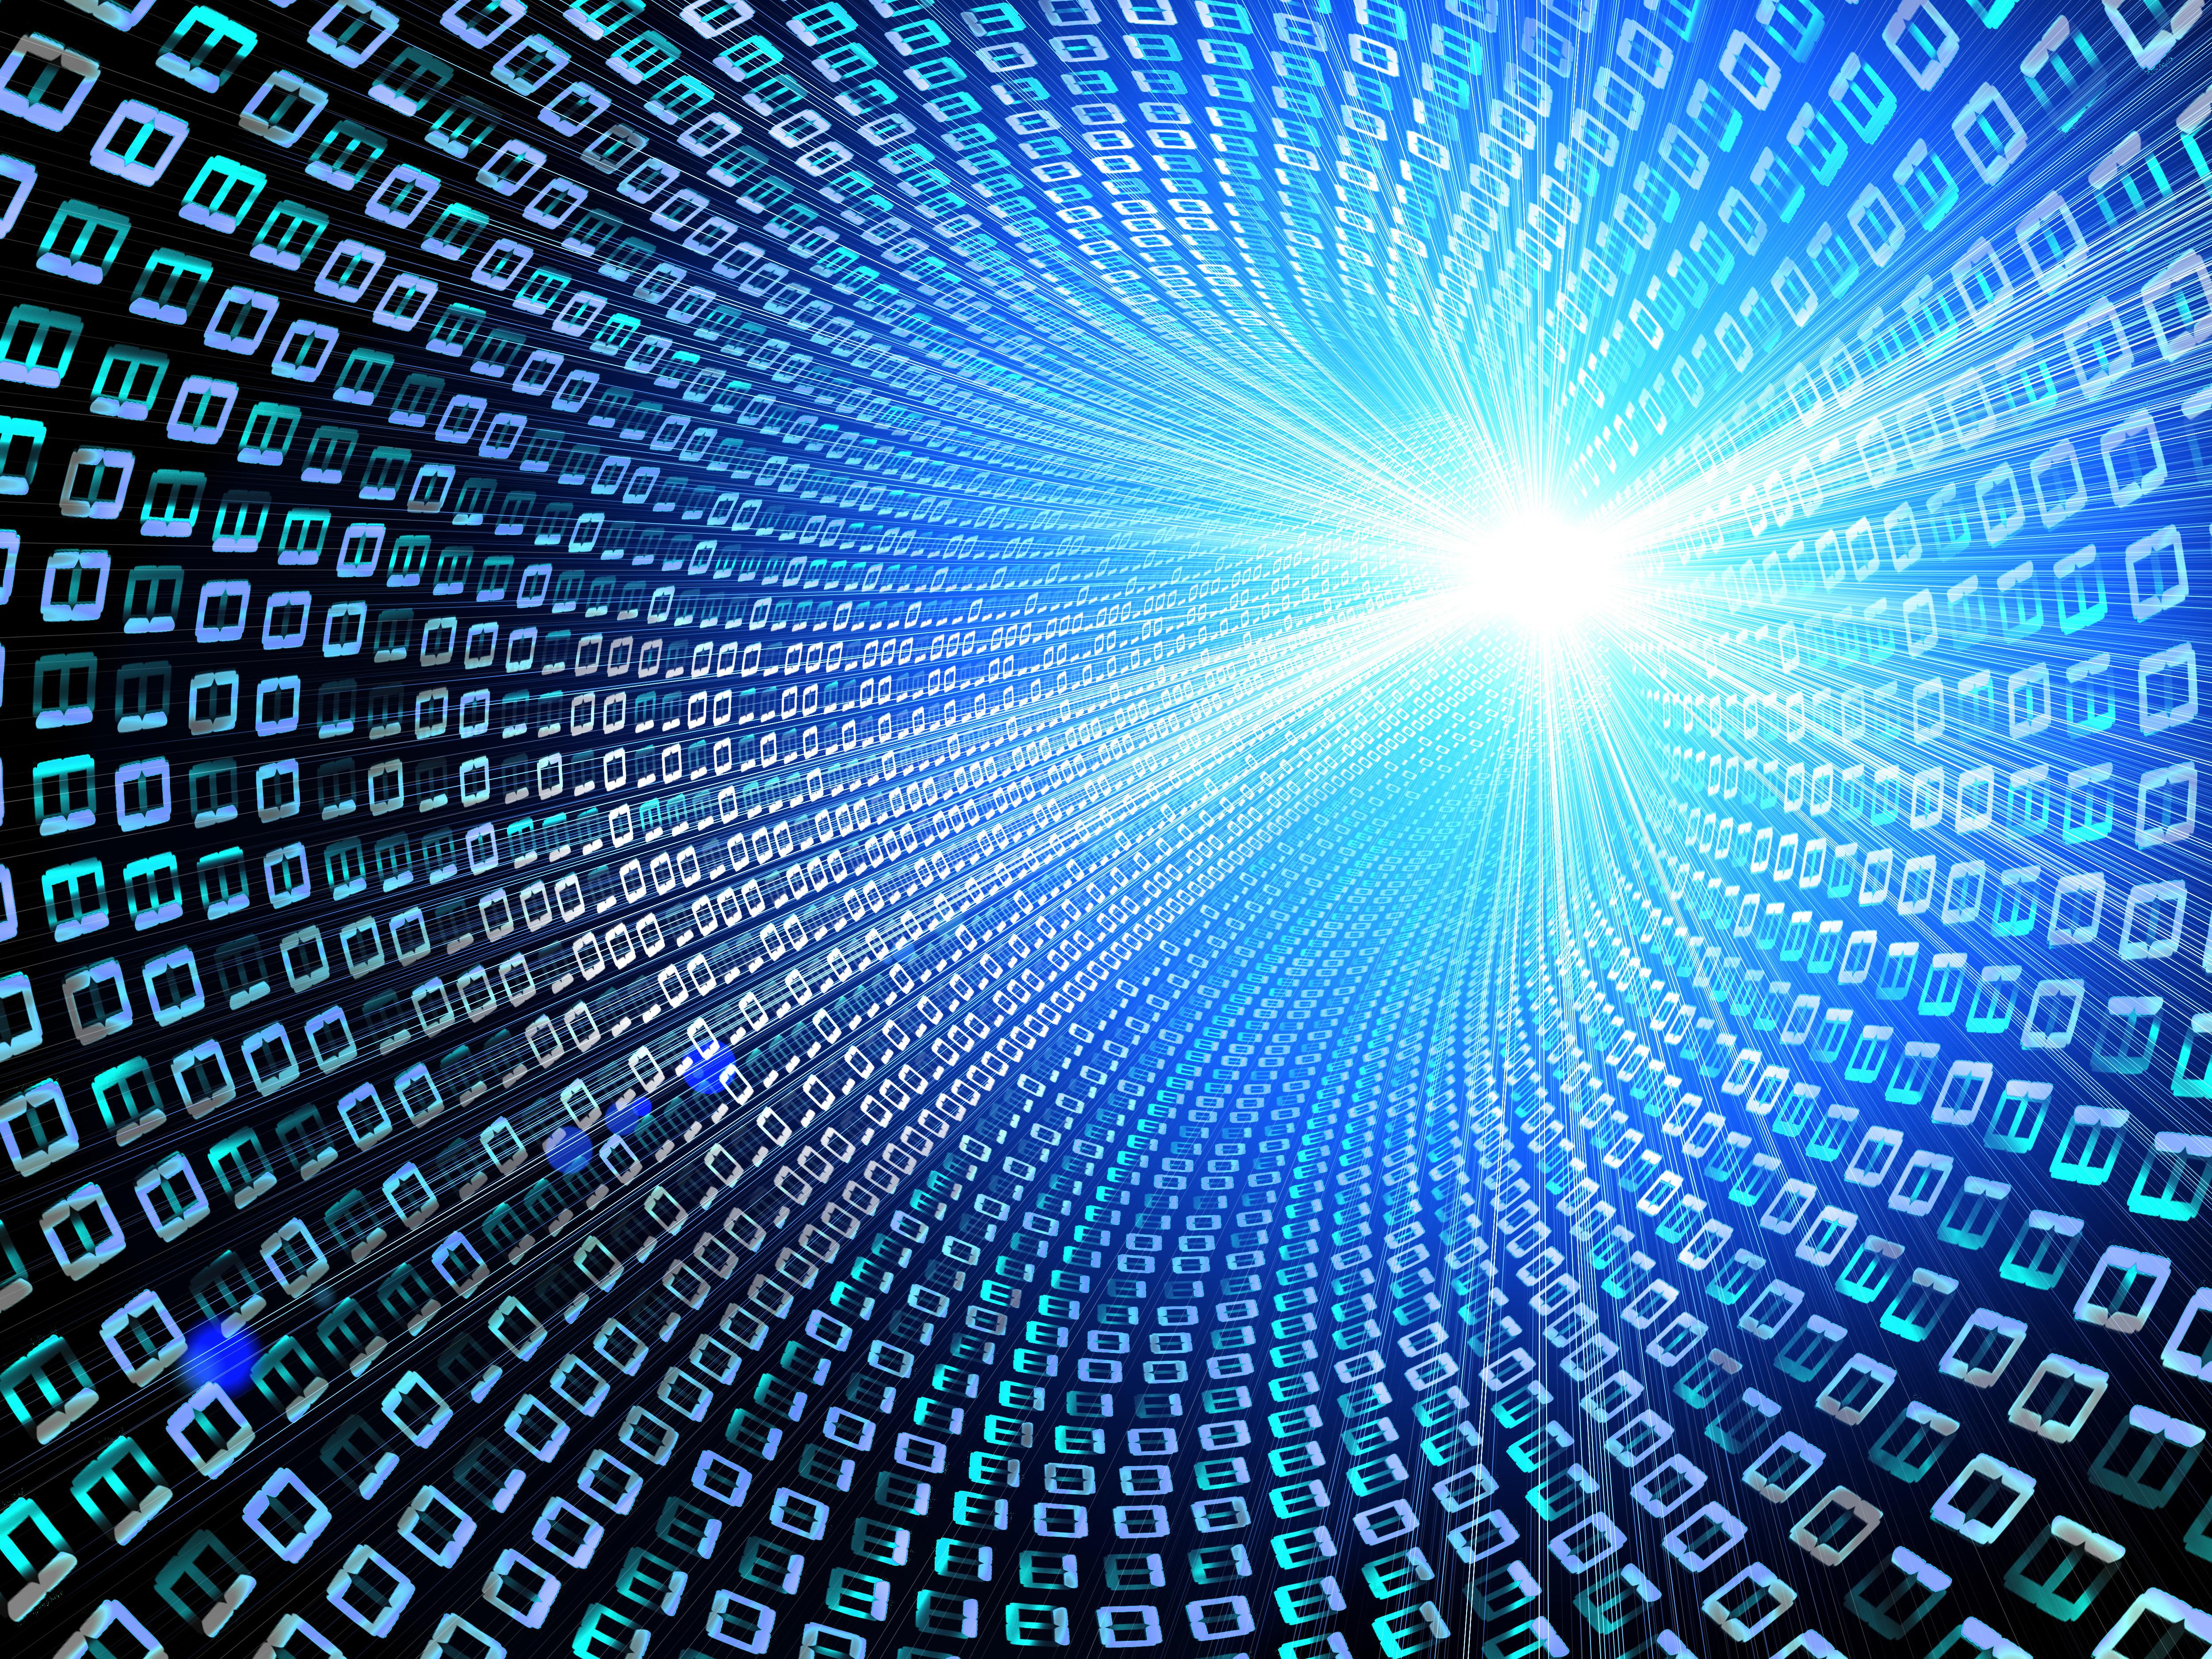 Ciberseguridad corporativa: profesionales de futuro